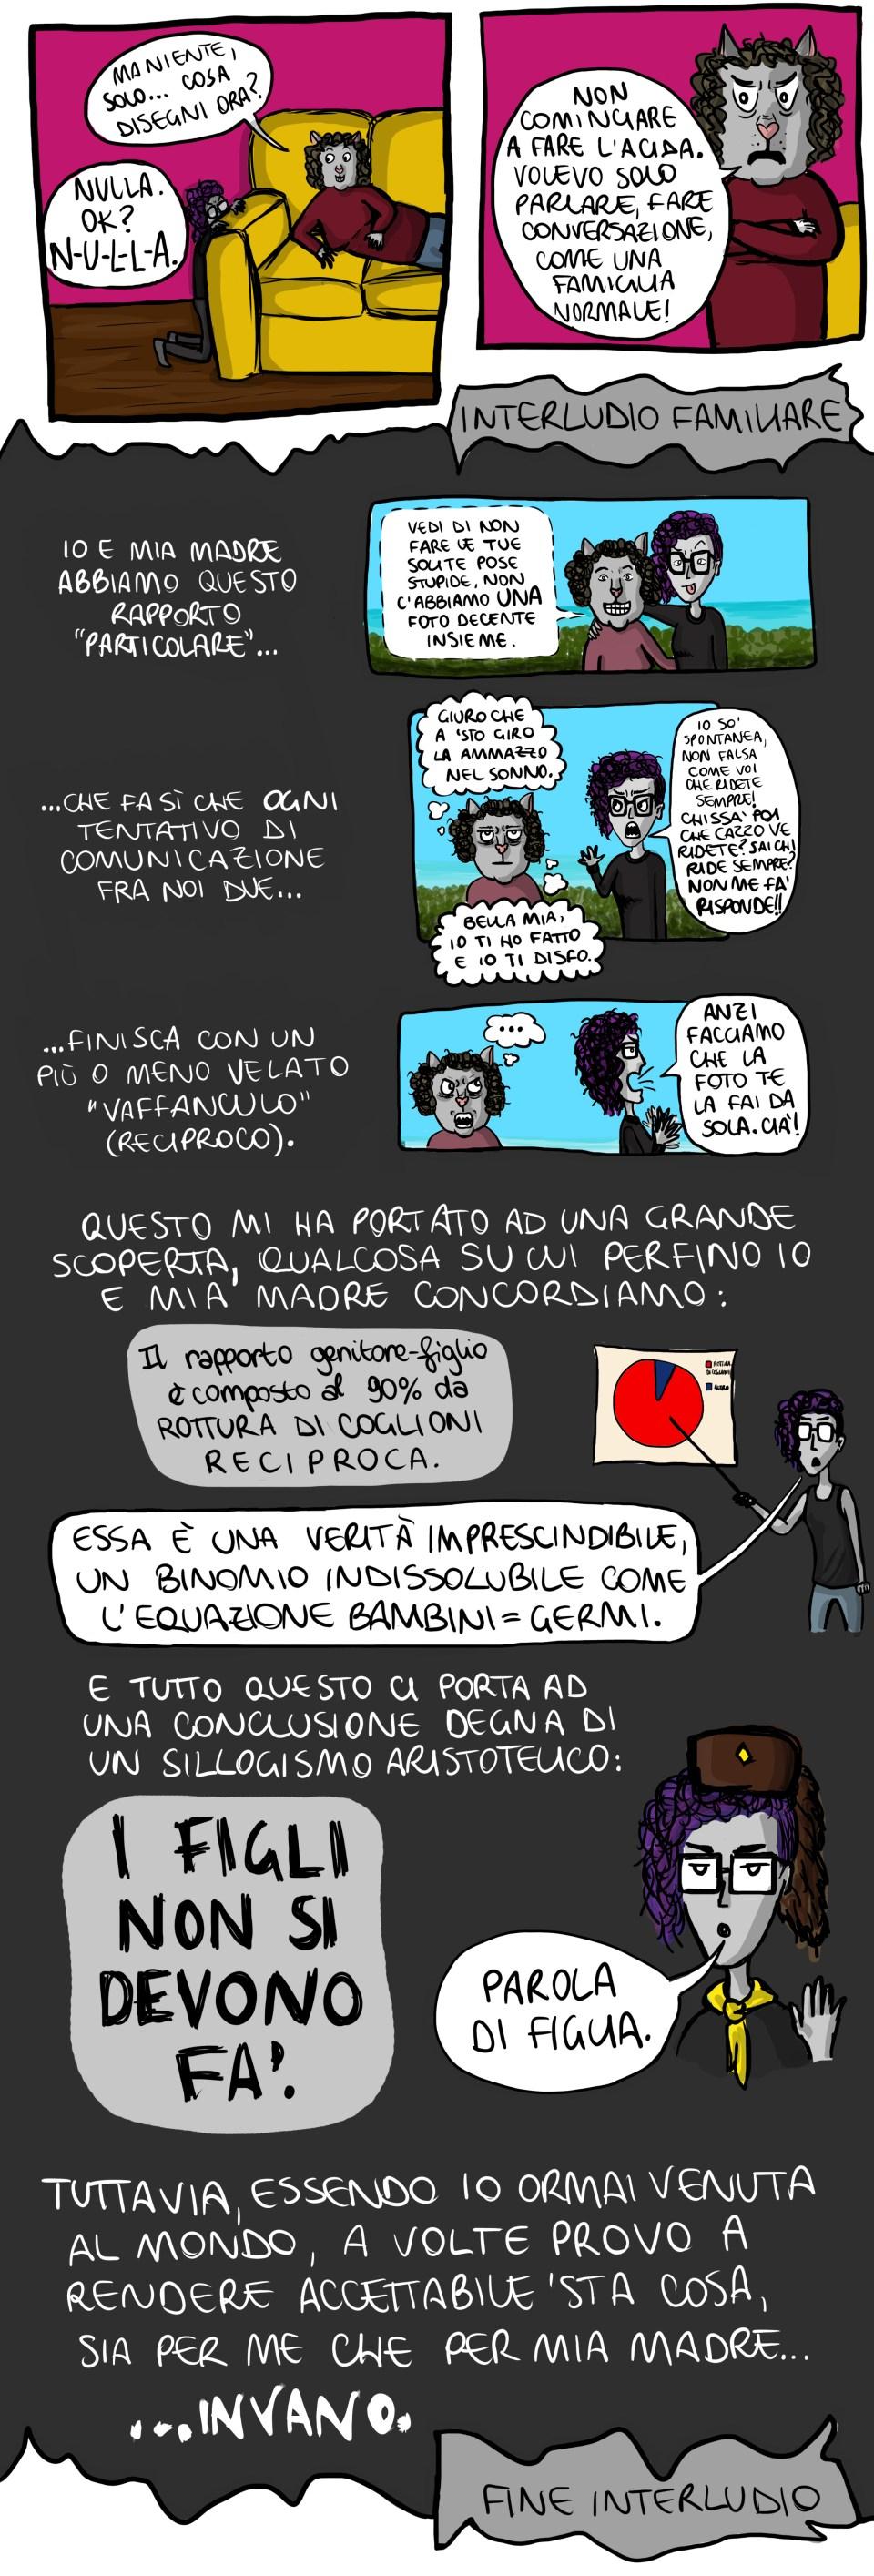 ispirazione4.jpg